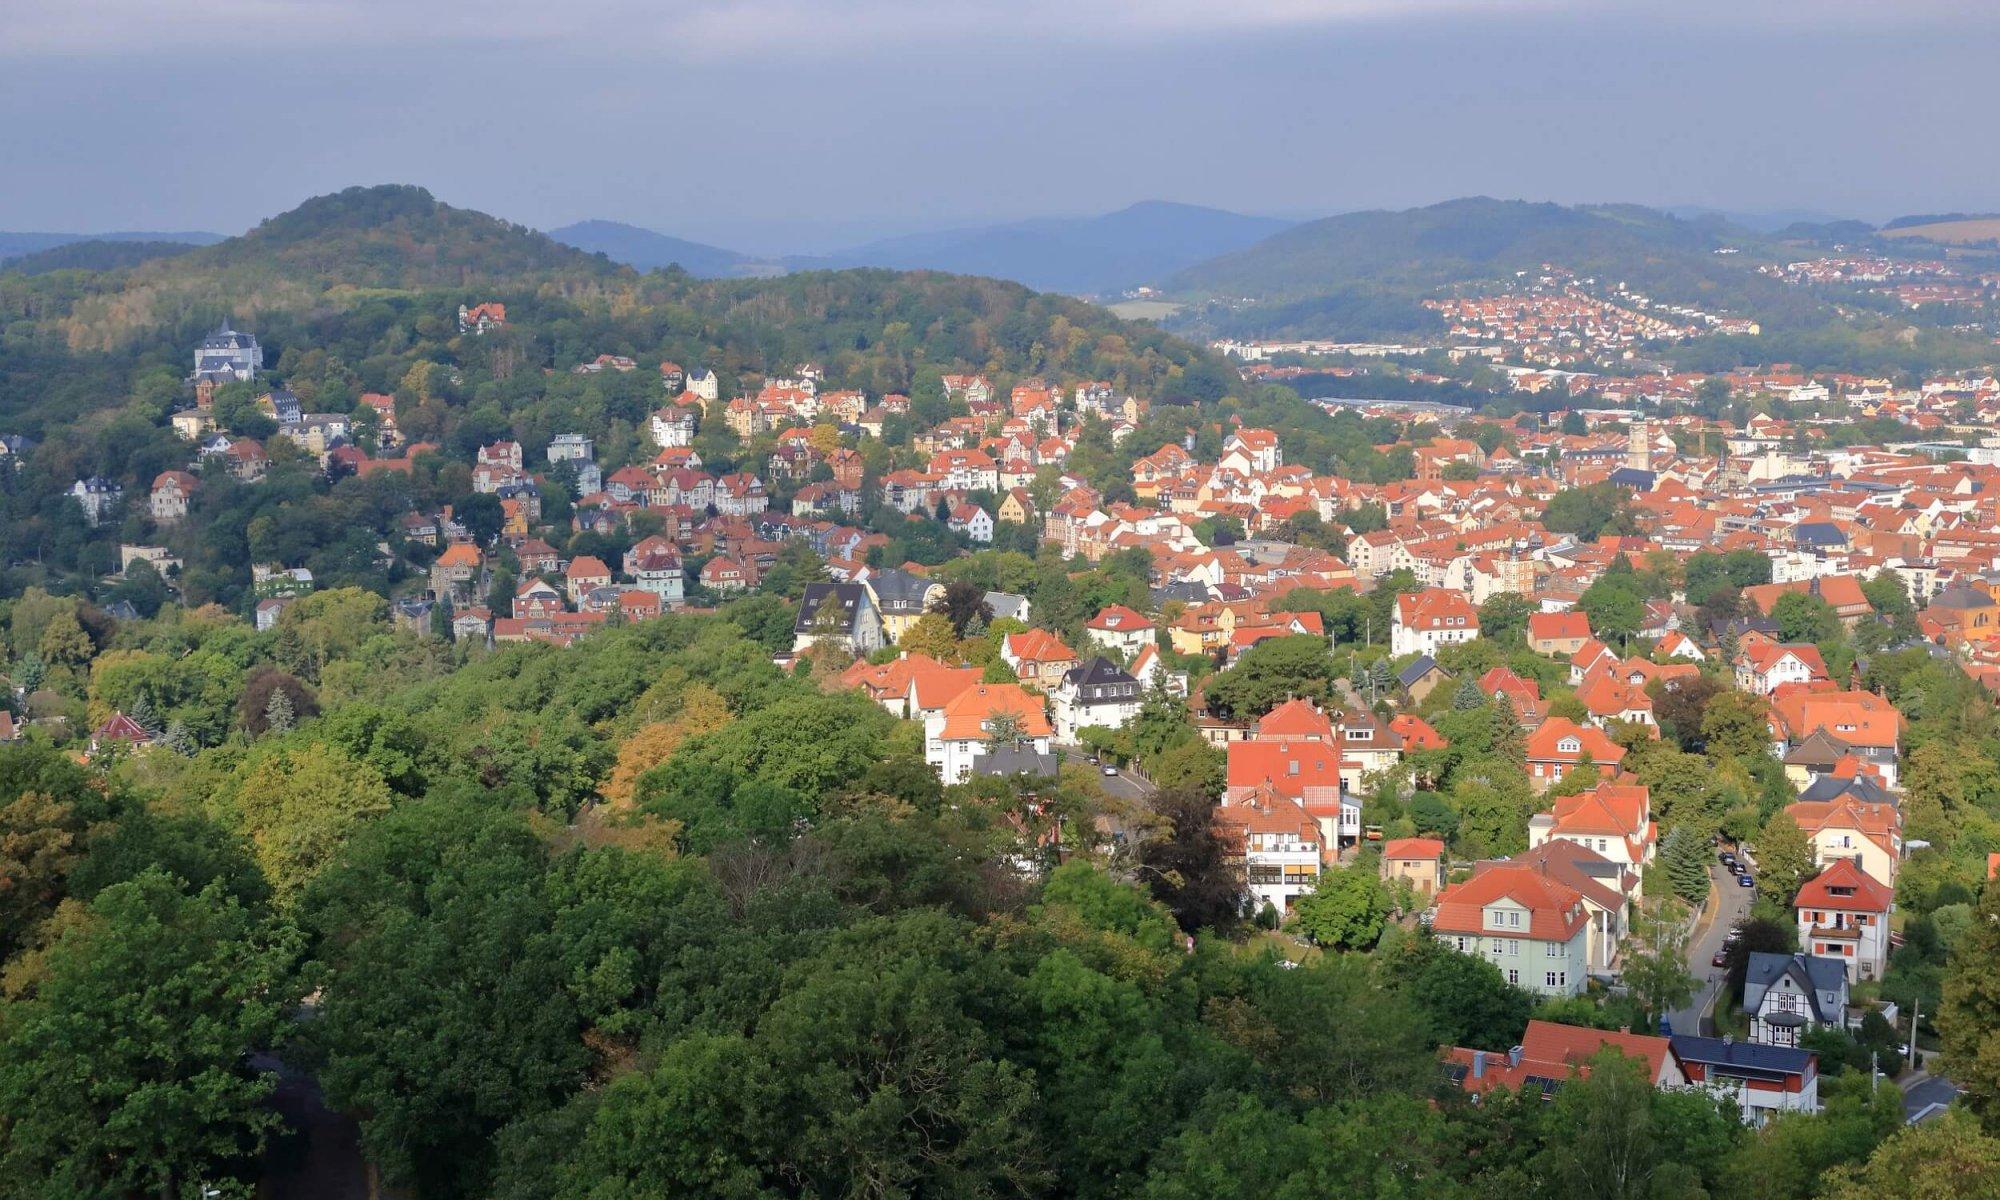 Luftaufnahme von Eisenach